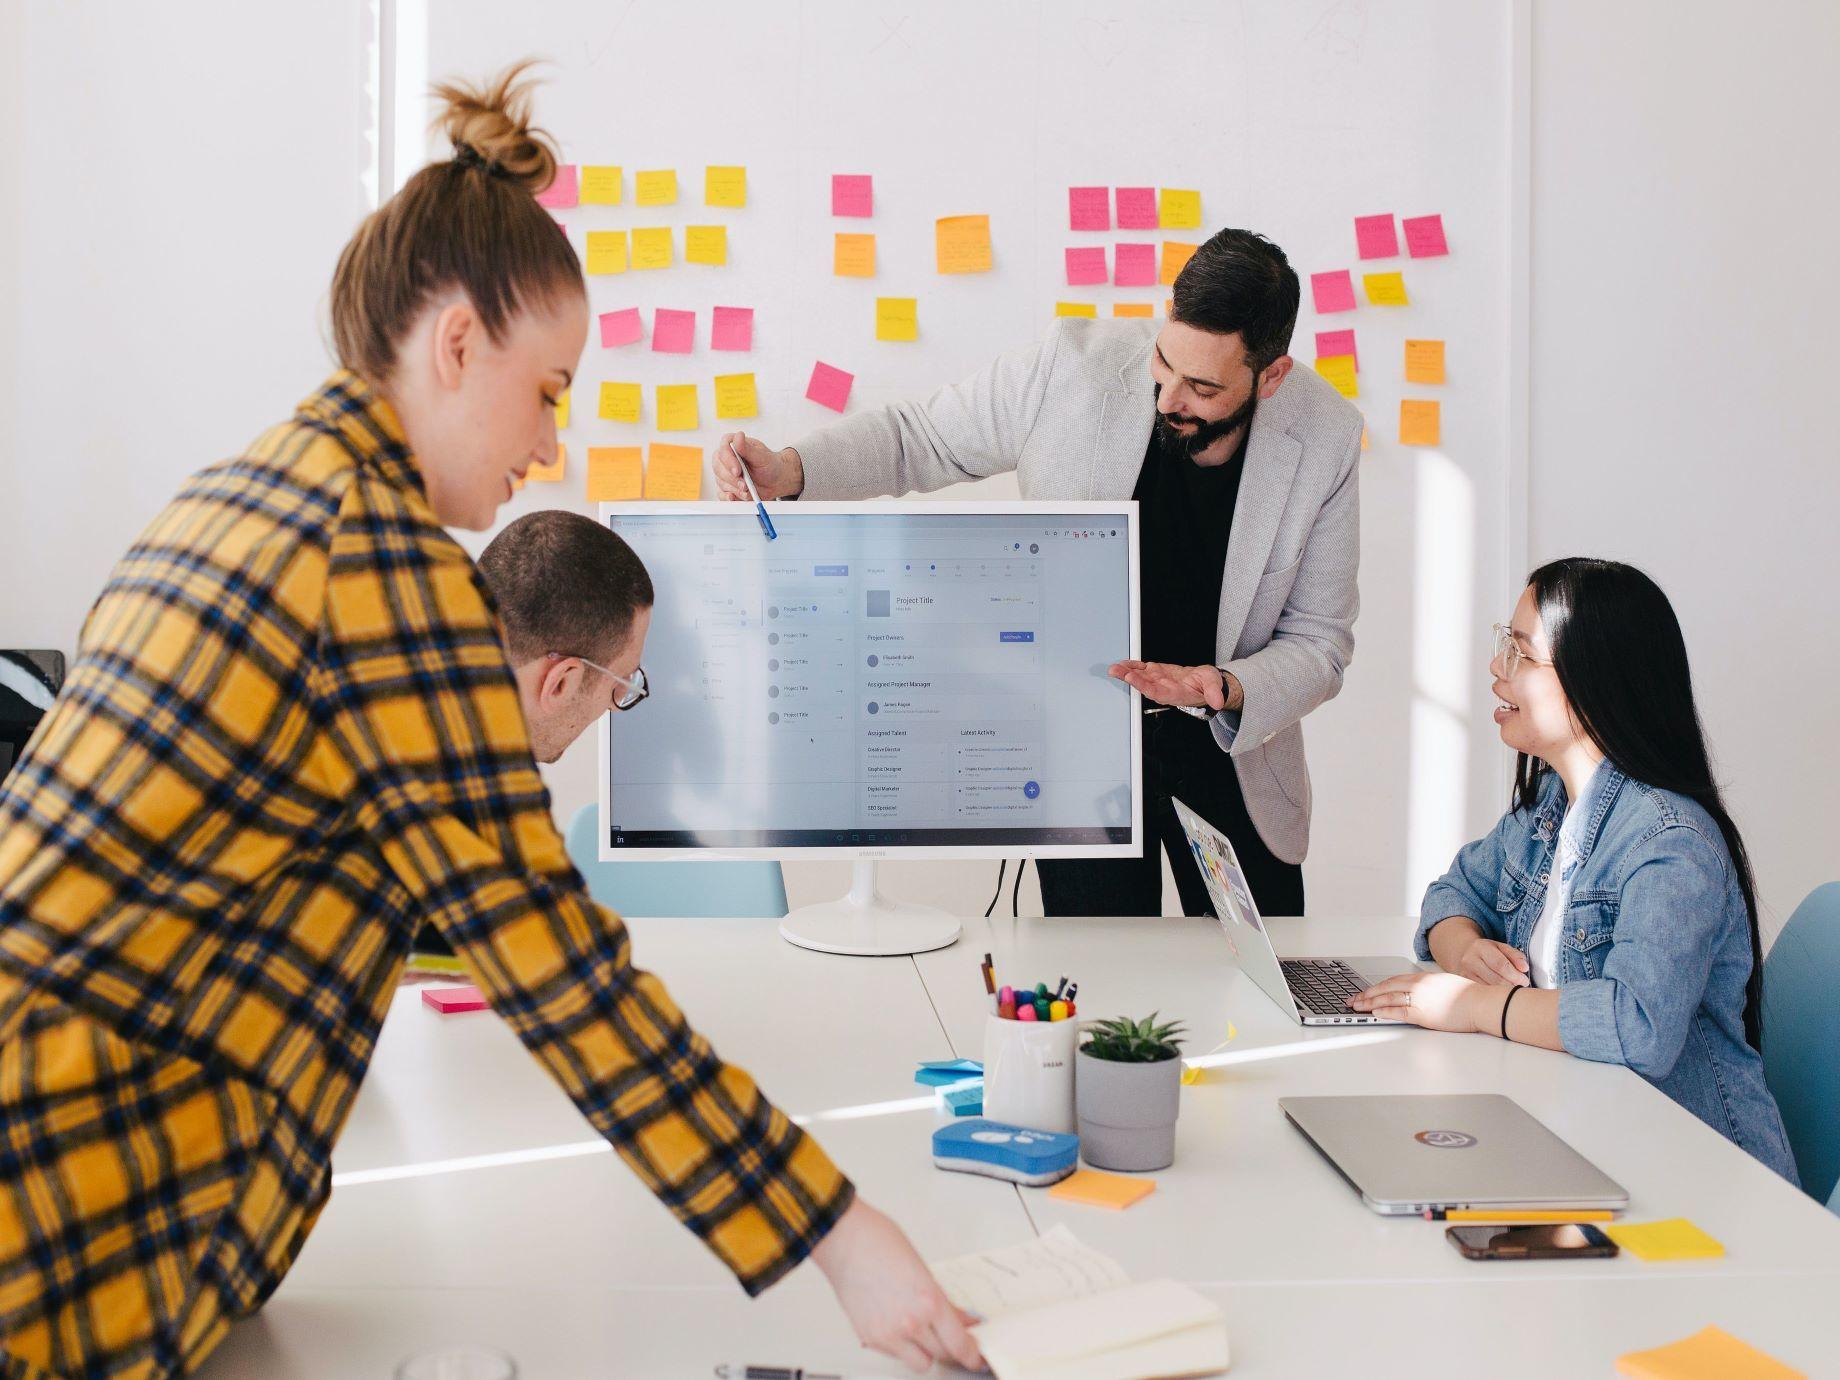 如何在短時間讓客戶點頭?善用「故事架構法」聚焦你的執行策略,建構有賣點的提案